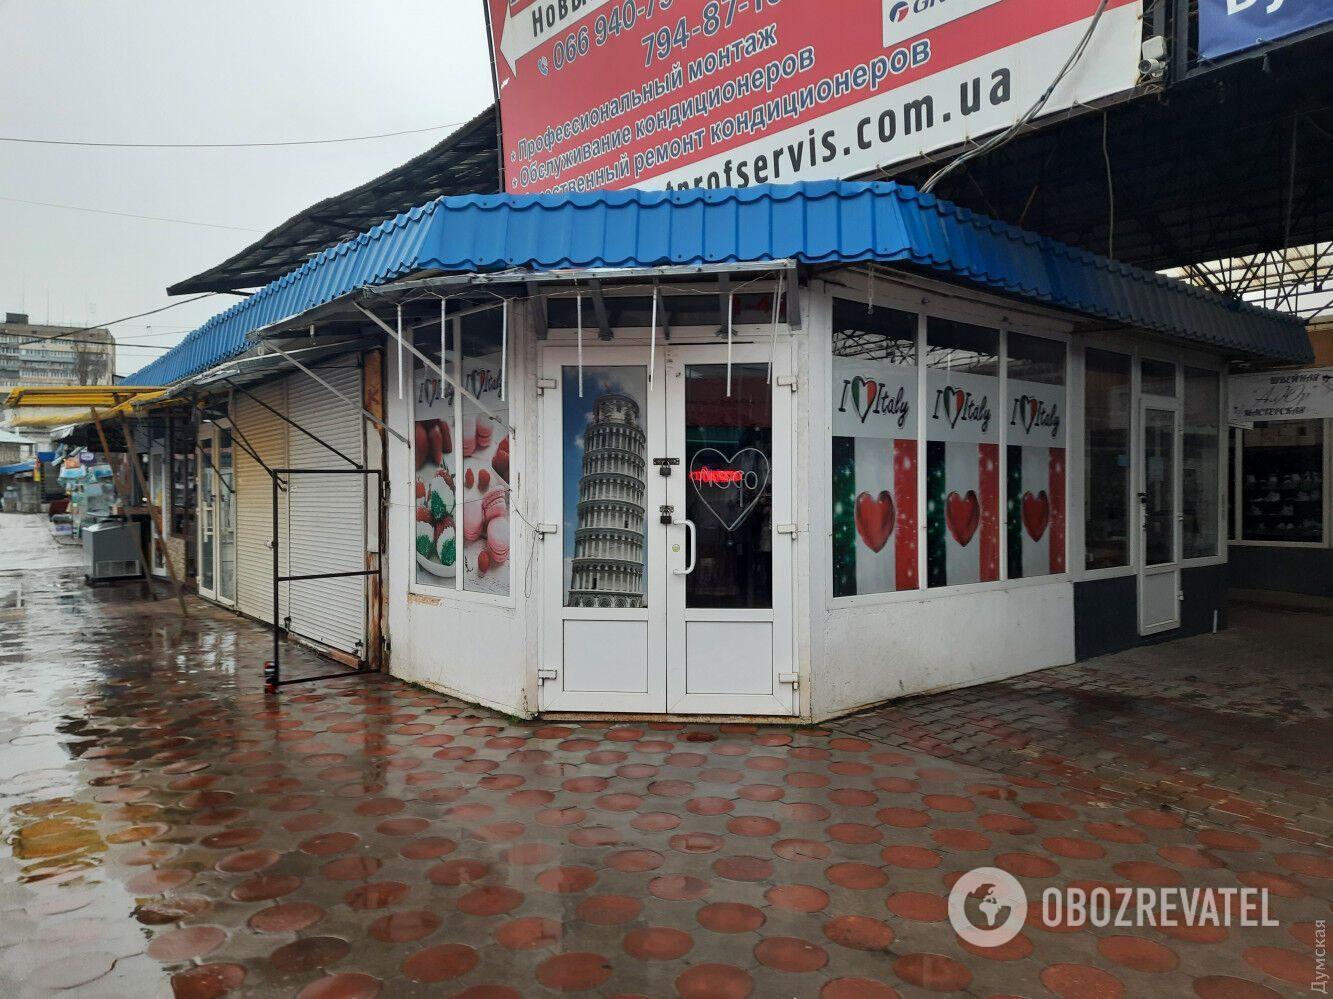 Торговые точки, кроме магазинов с продуктами, закрыли